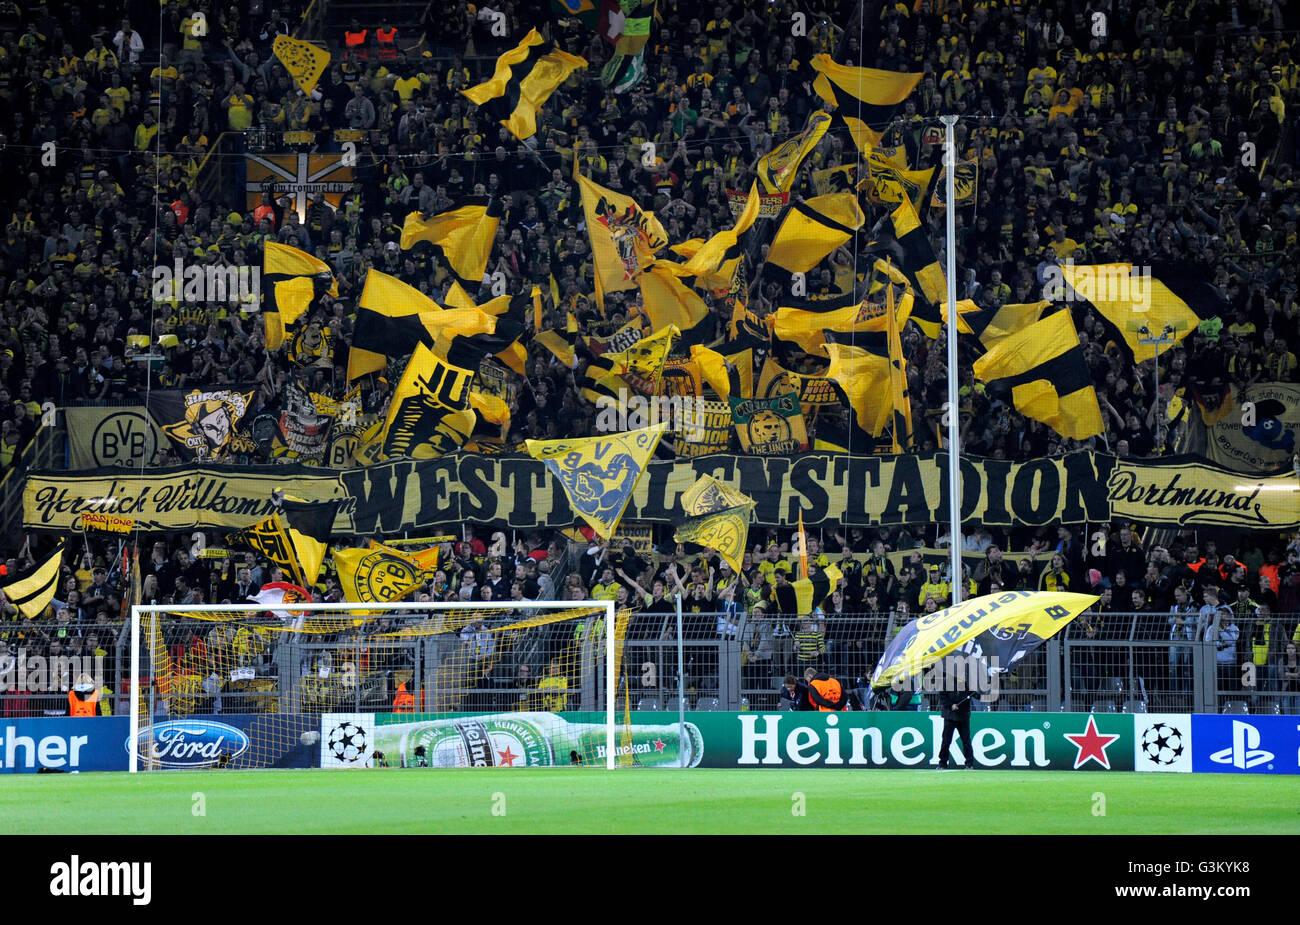 BVB-Fans in der Südkurve schwenkten ihre Fahnen vor dem Start des Spiels, UEFA Champions League, Borussia Dortmund Stockfoto